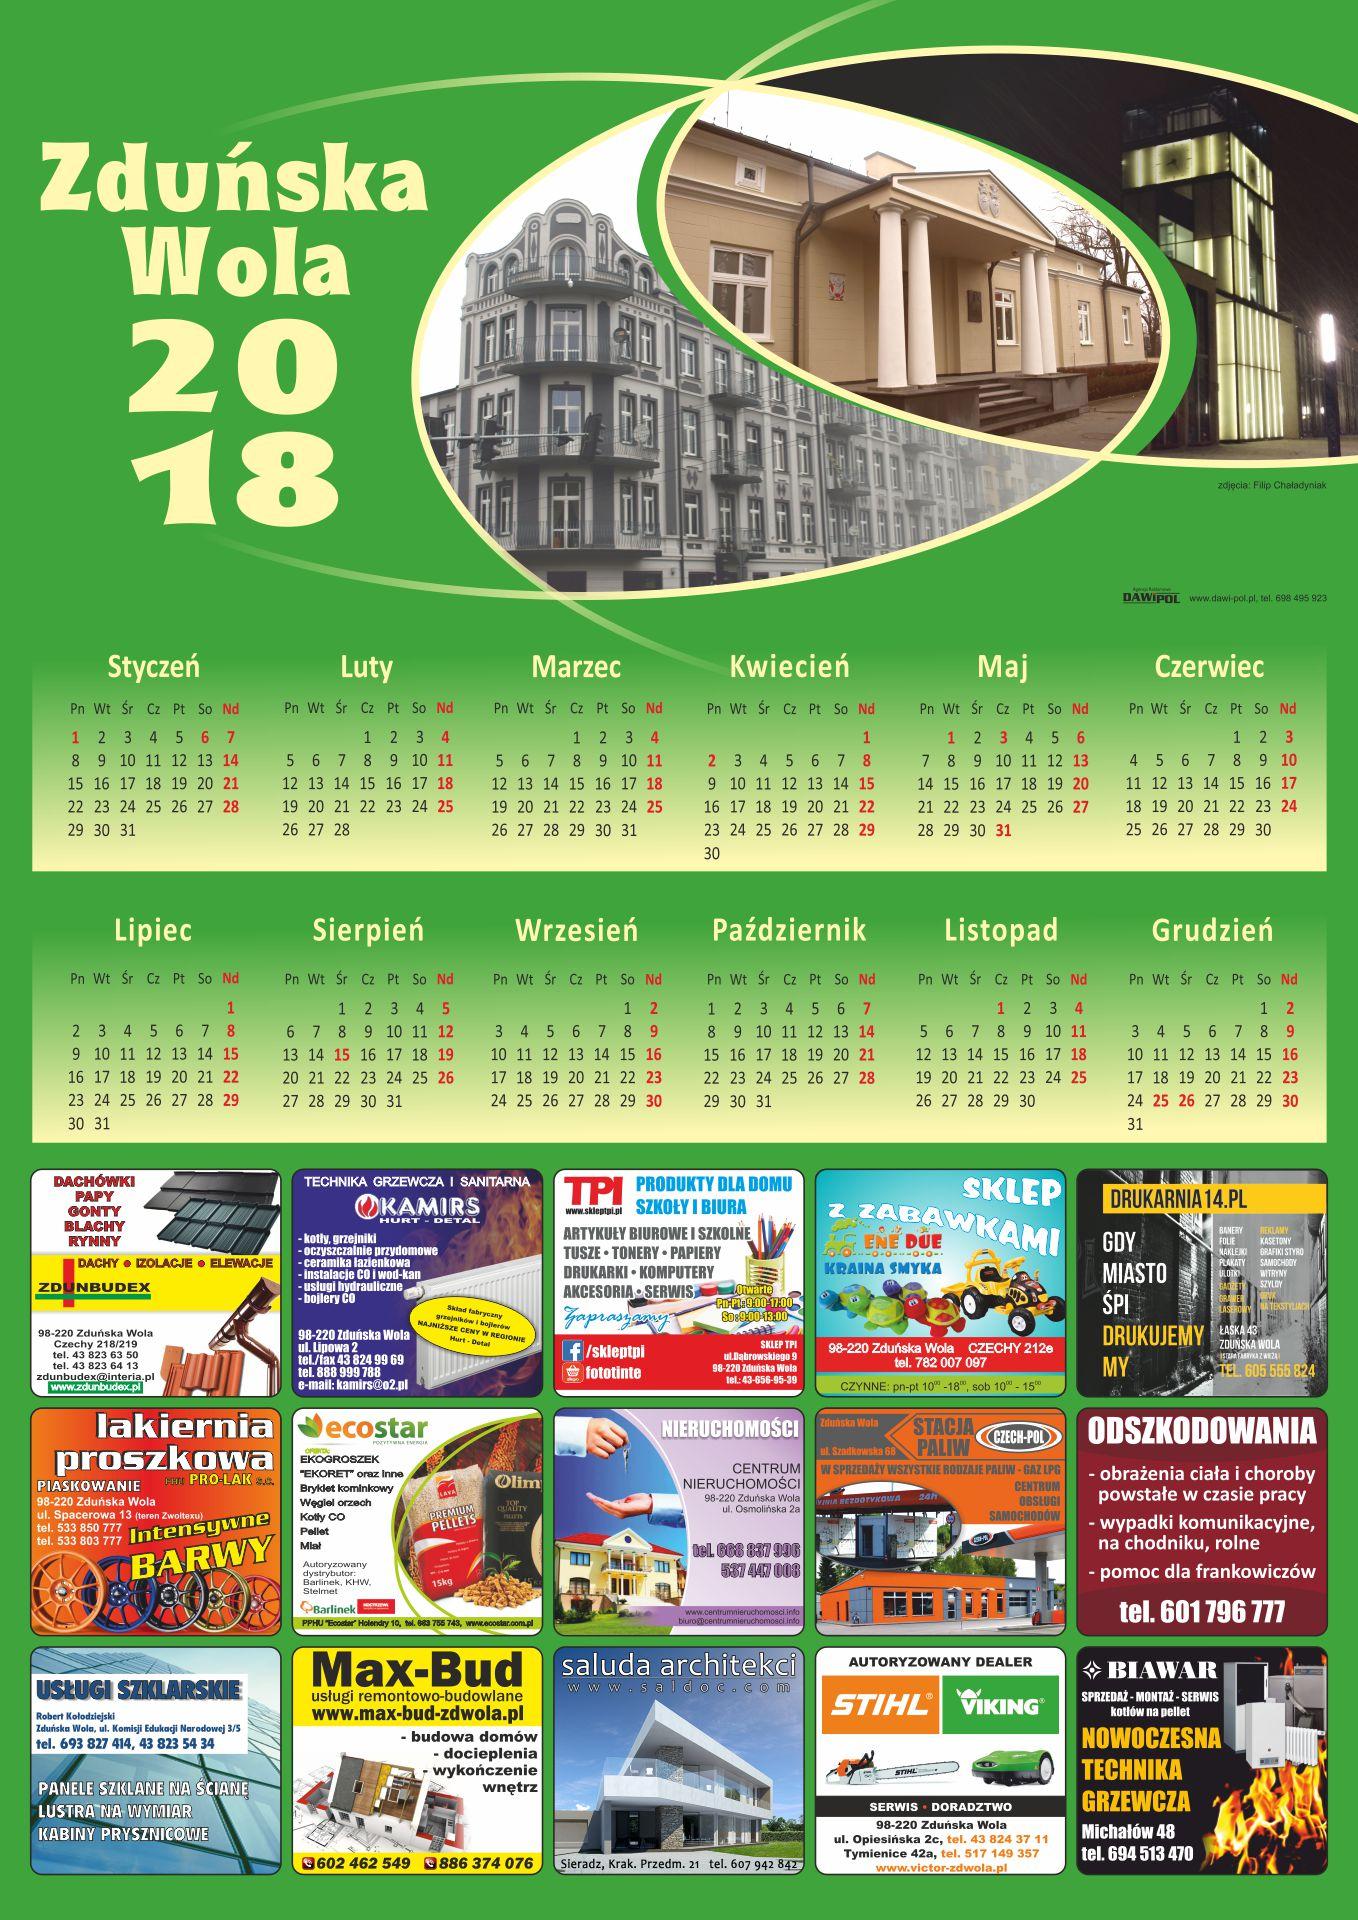 kalendarze - zduńska wola 2018